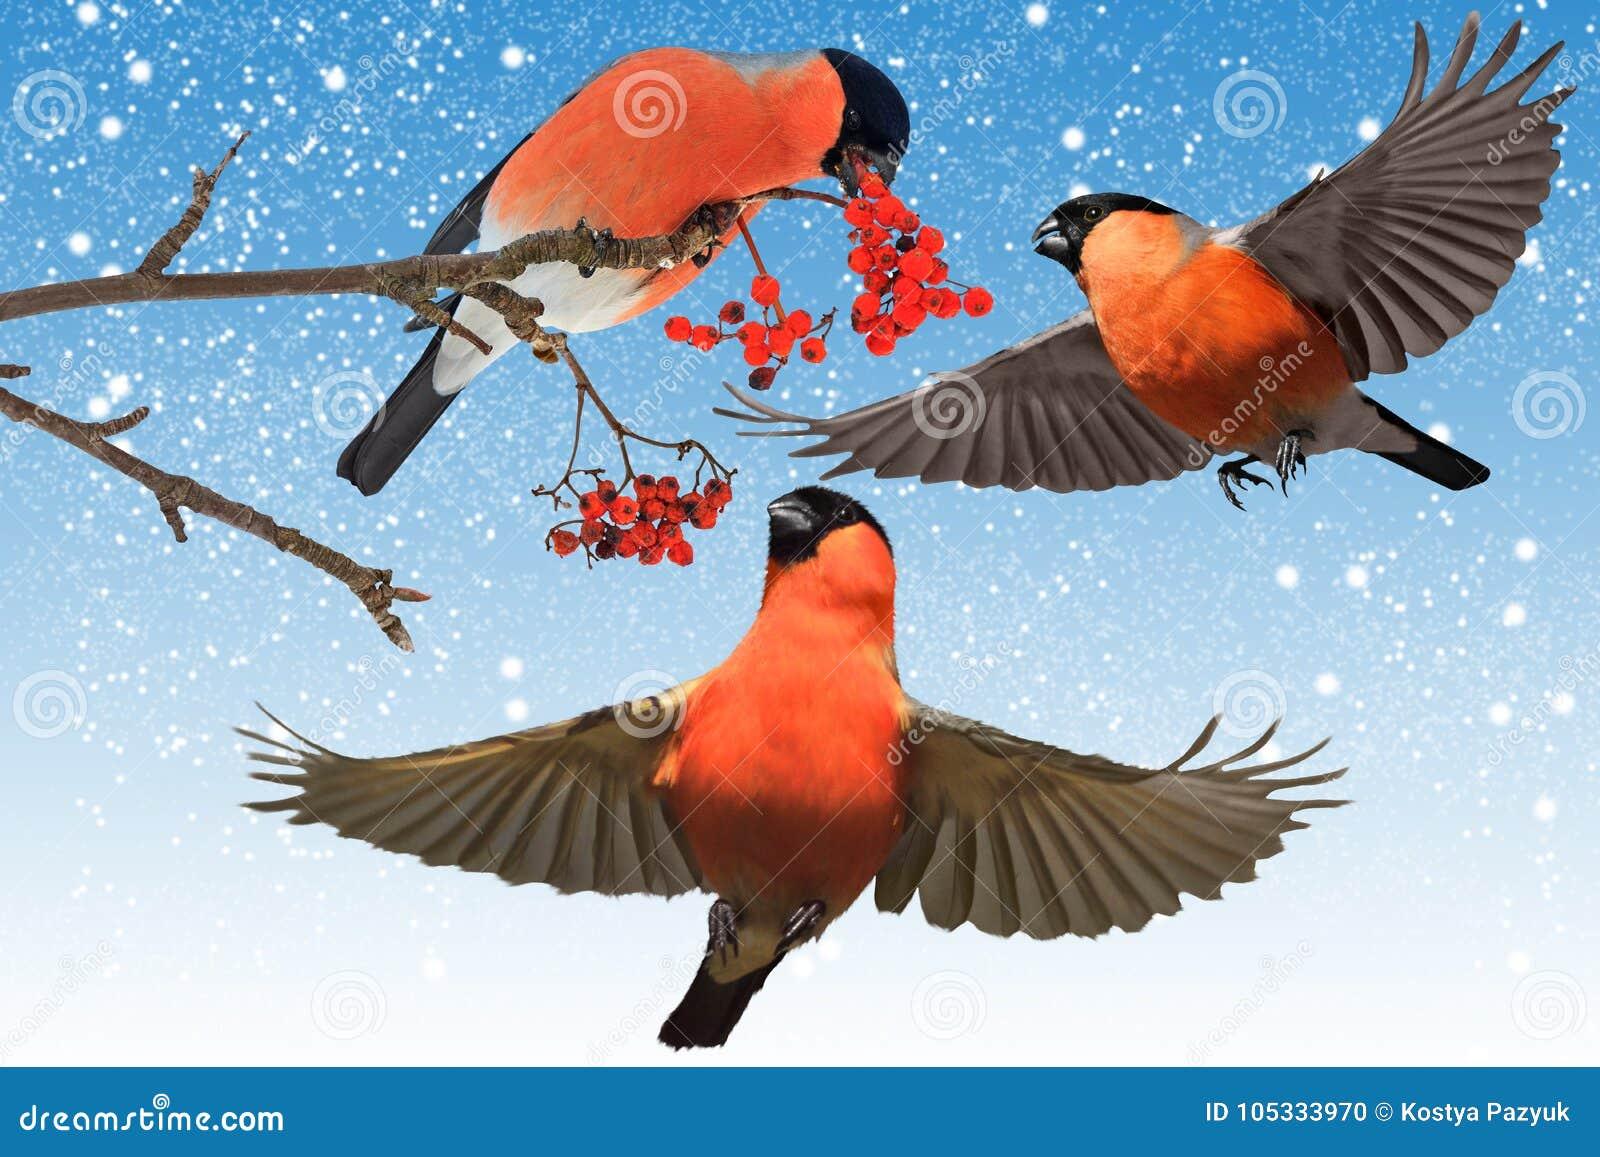 Czerwony ptak zapadać w sen zimowy w ogrodowym śniegu i niebieskim niebie